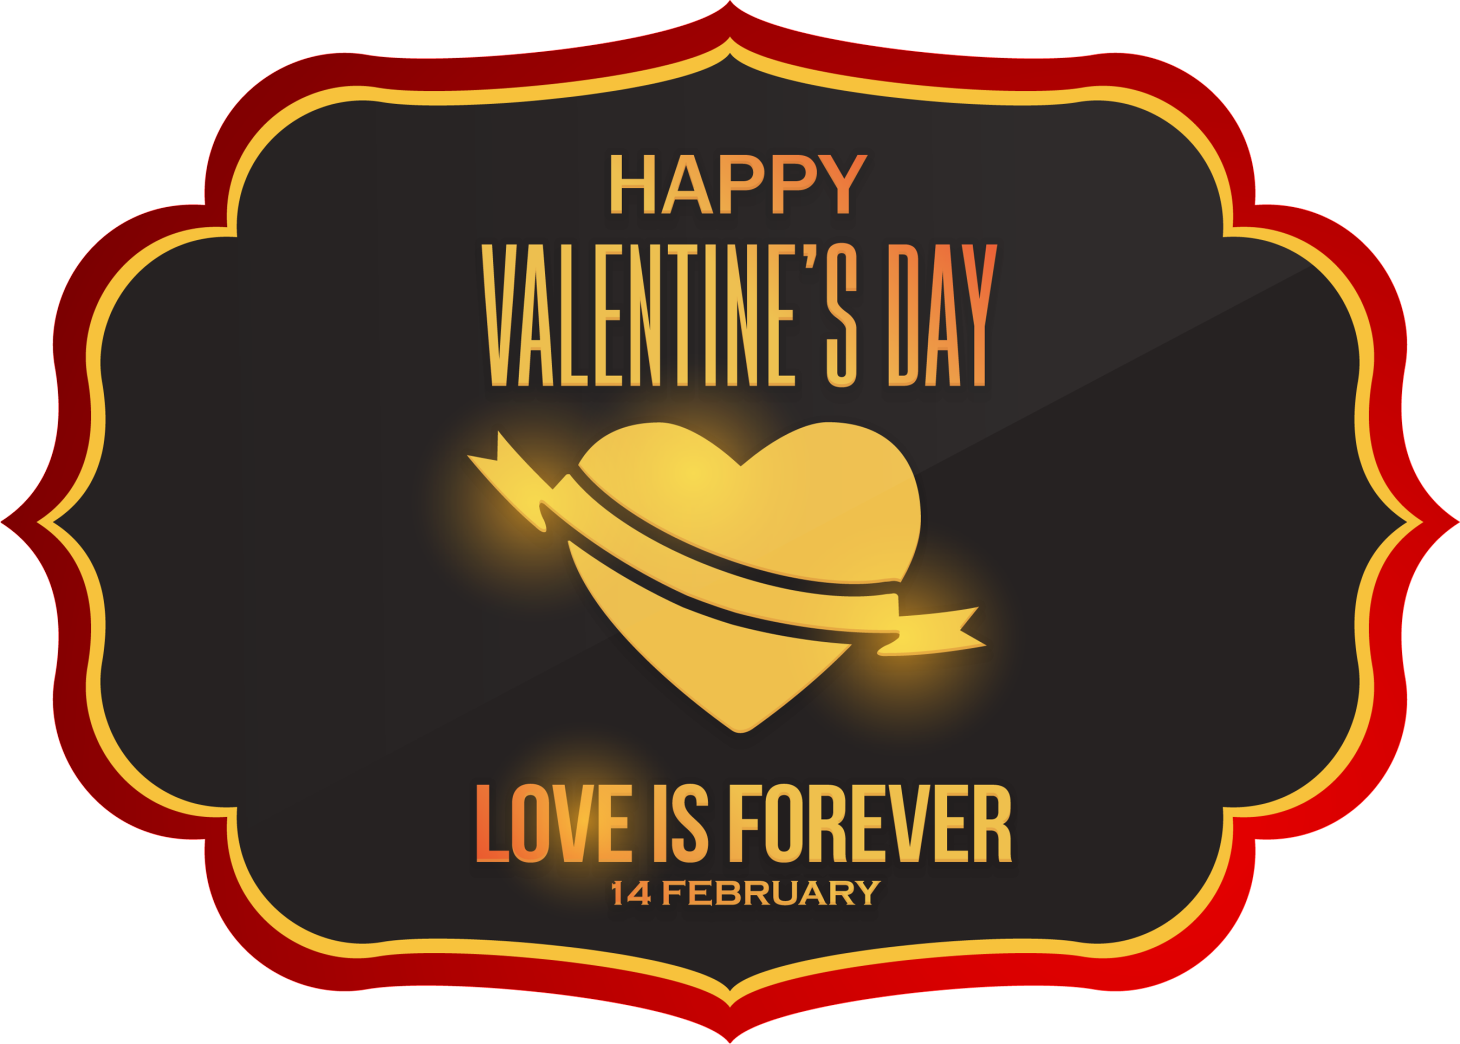 ημέρα του Έρωτα